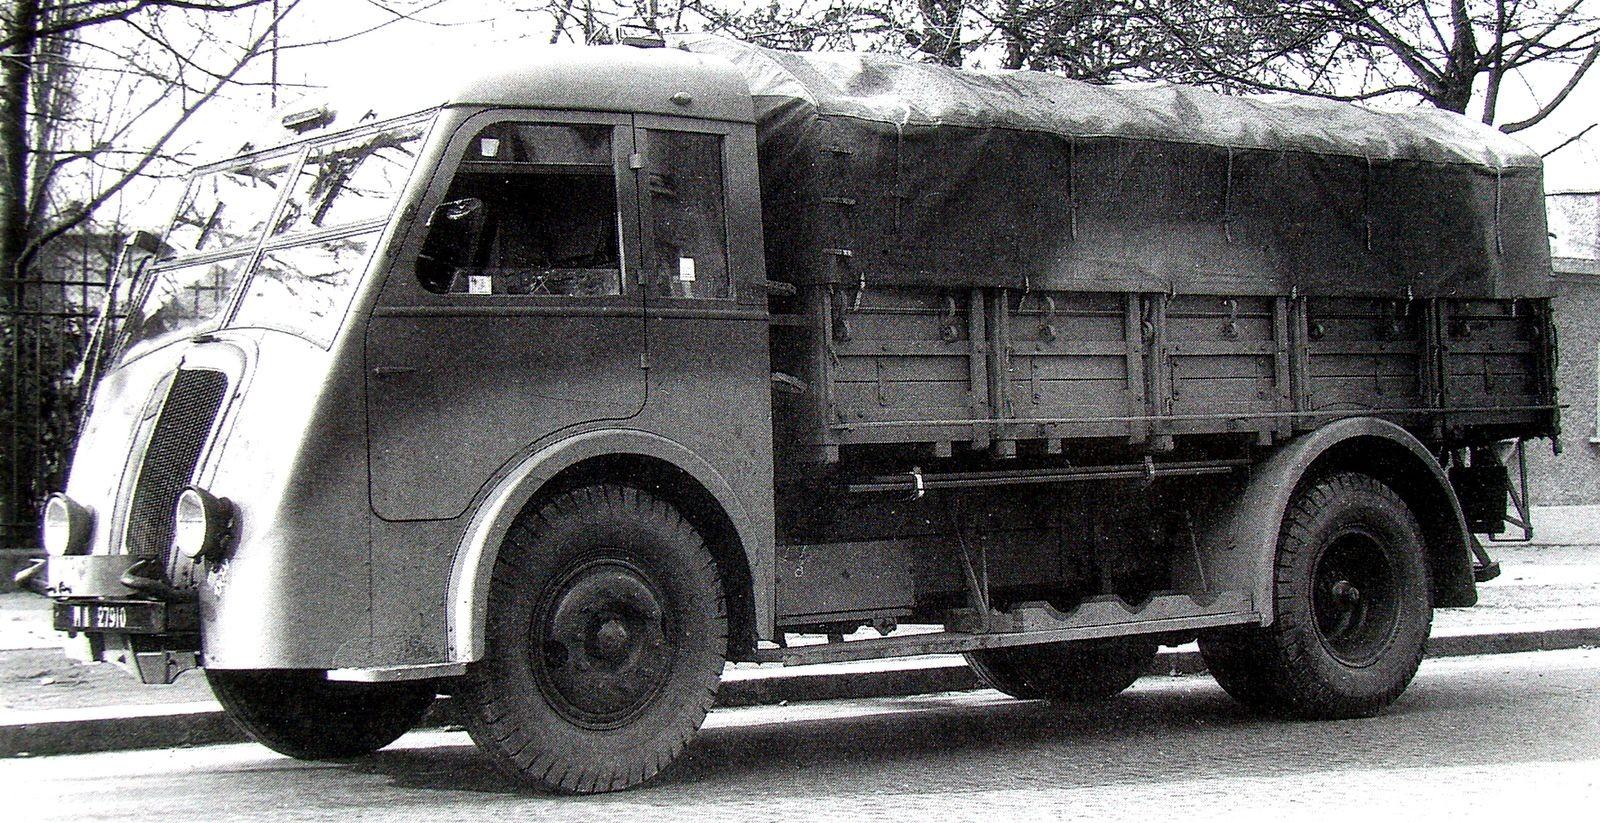 Миролюбивая оккупация и её итоги: неизвестные французские автомобили во времена Второй мировой